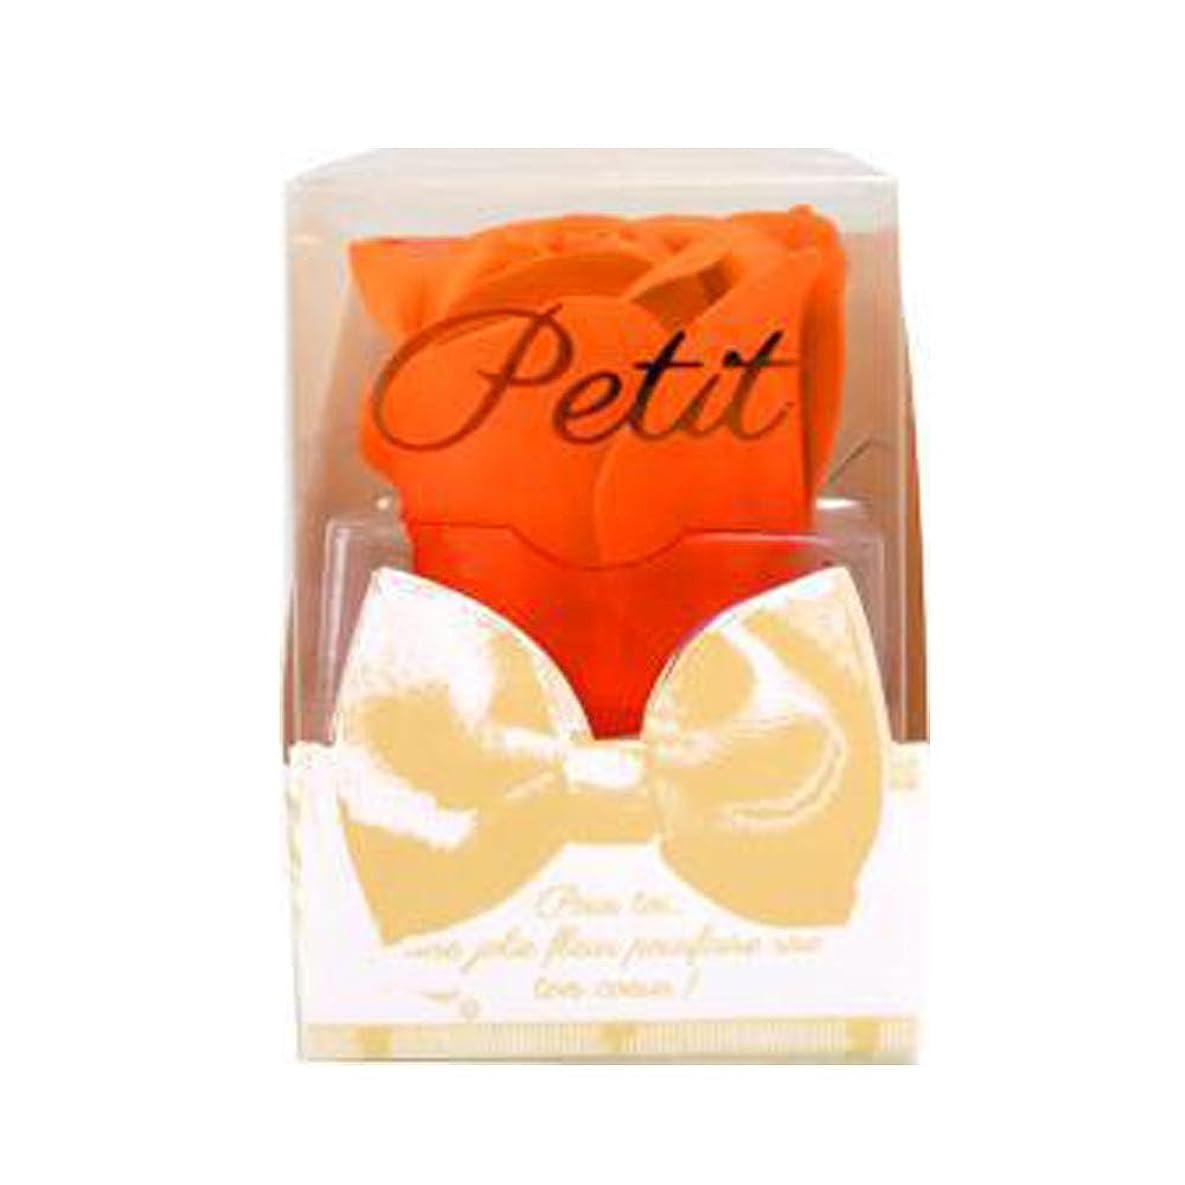 並外れた牧草地結核入浴剤 バスフレグランス Petit(プッチ) オレンジ